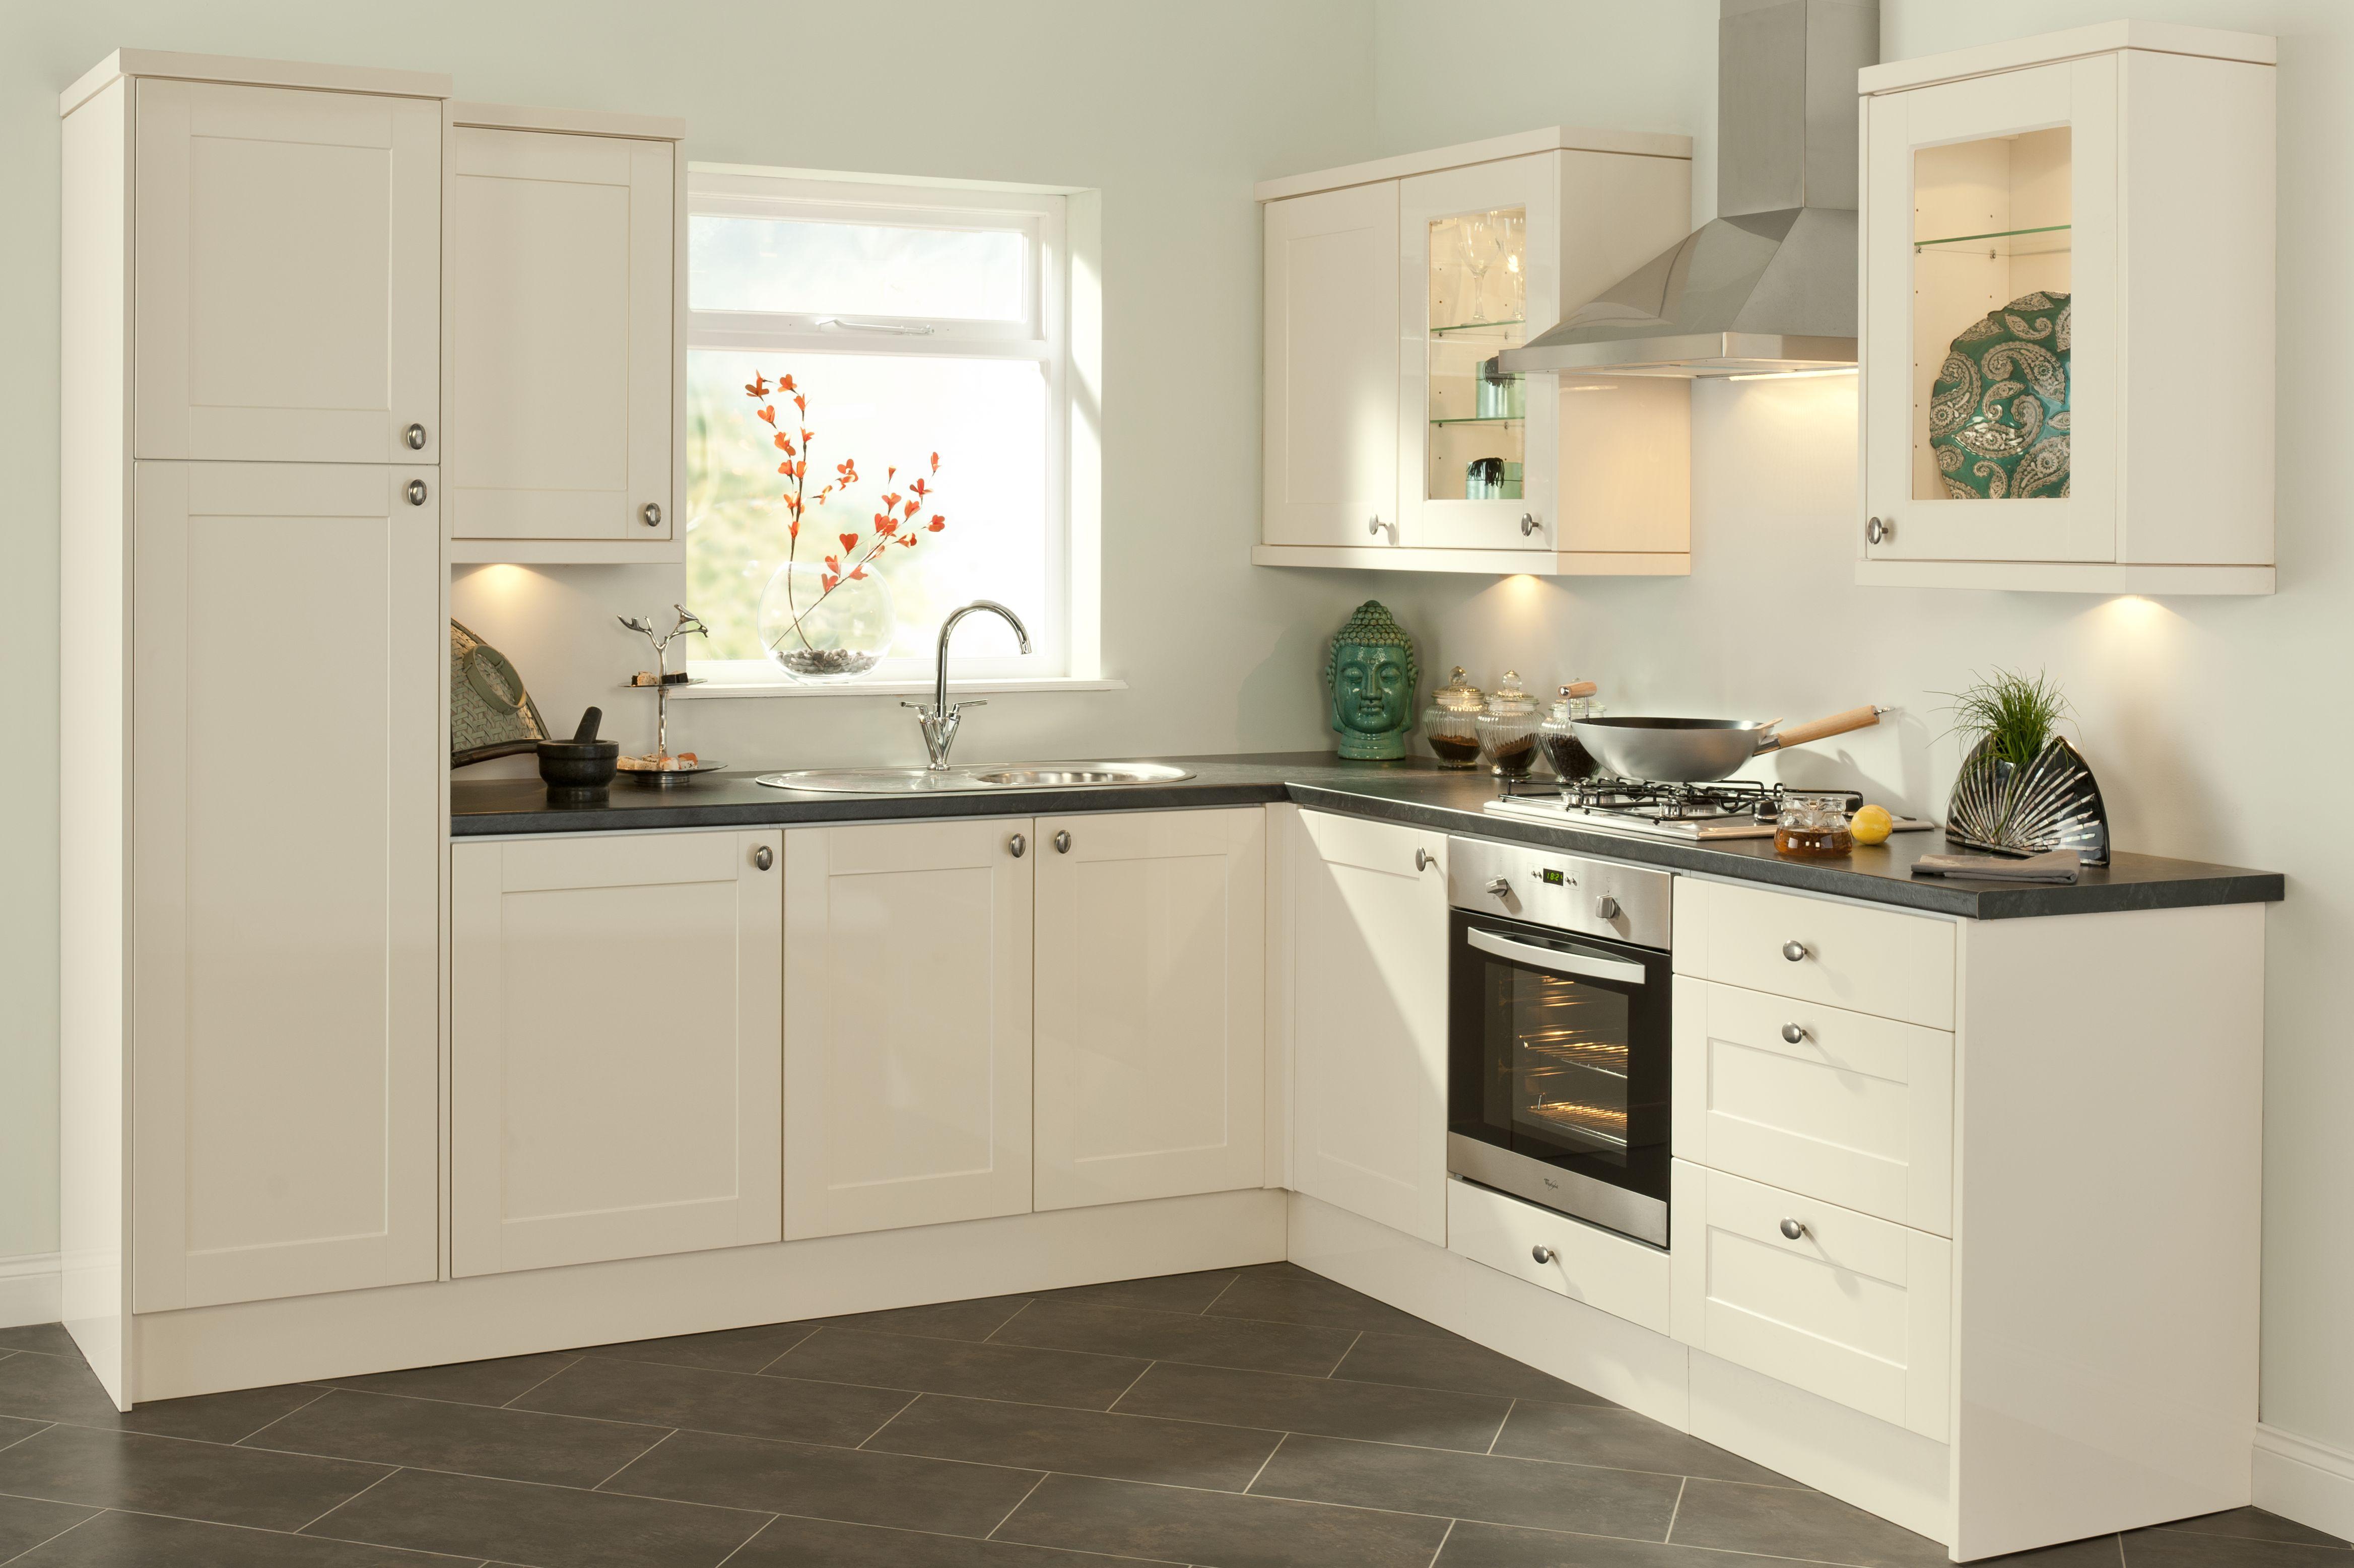 Светлая кухня  № 1754506 без смс